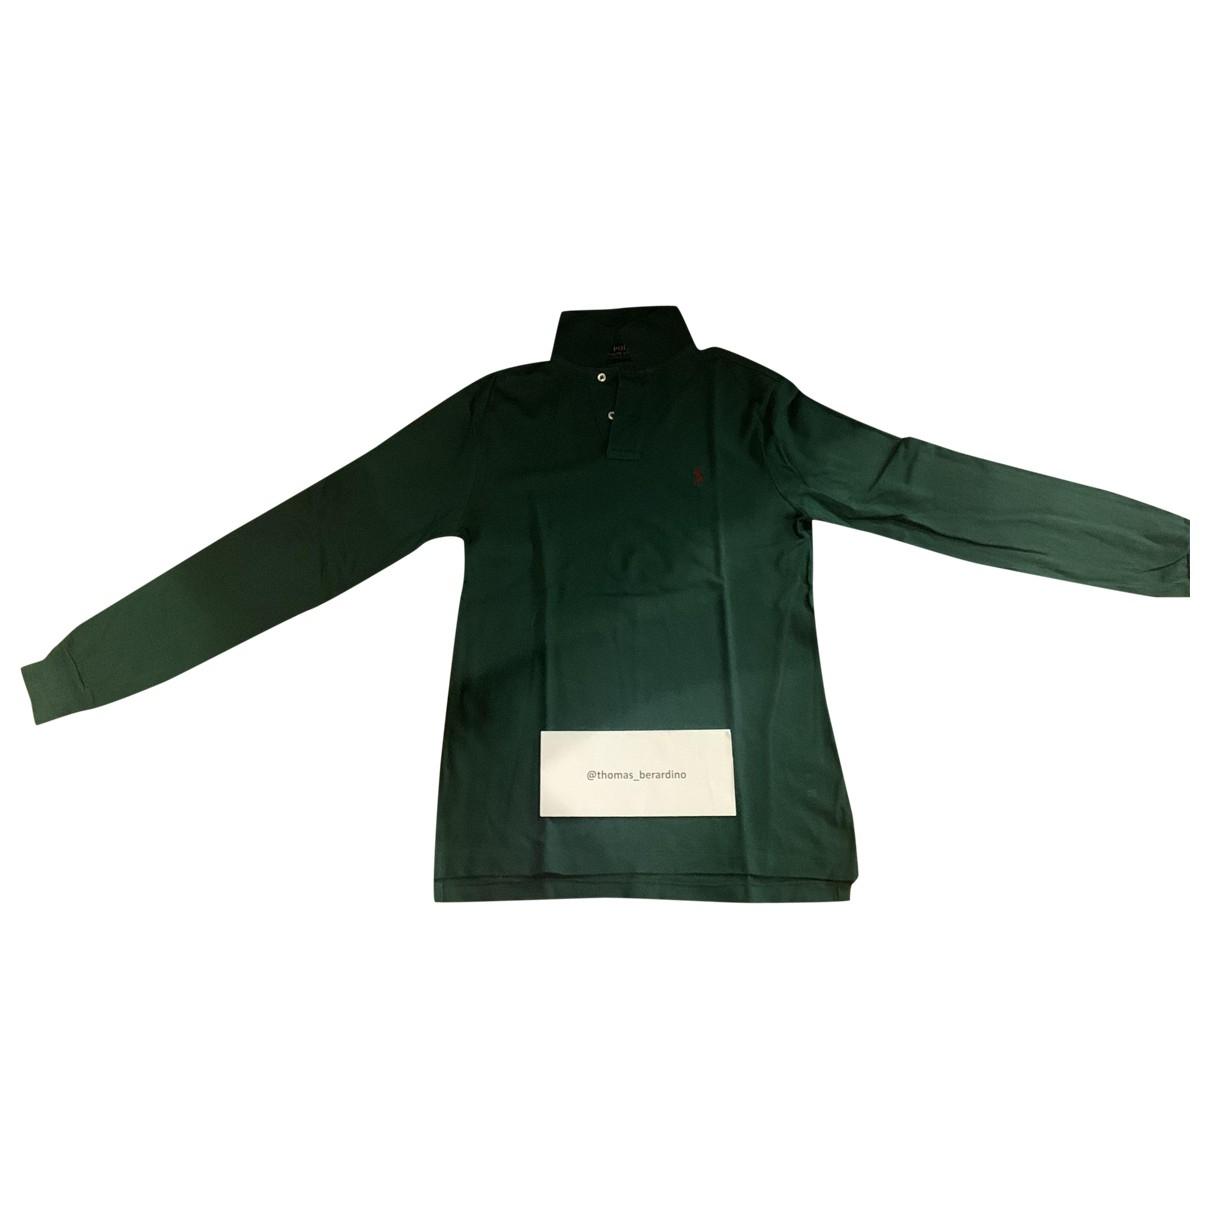 Polo Ralph Lauren - Polos Polo classique manches longues pour homme en coton - vert